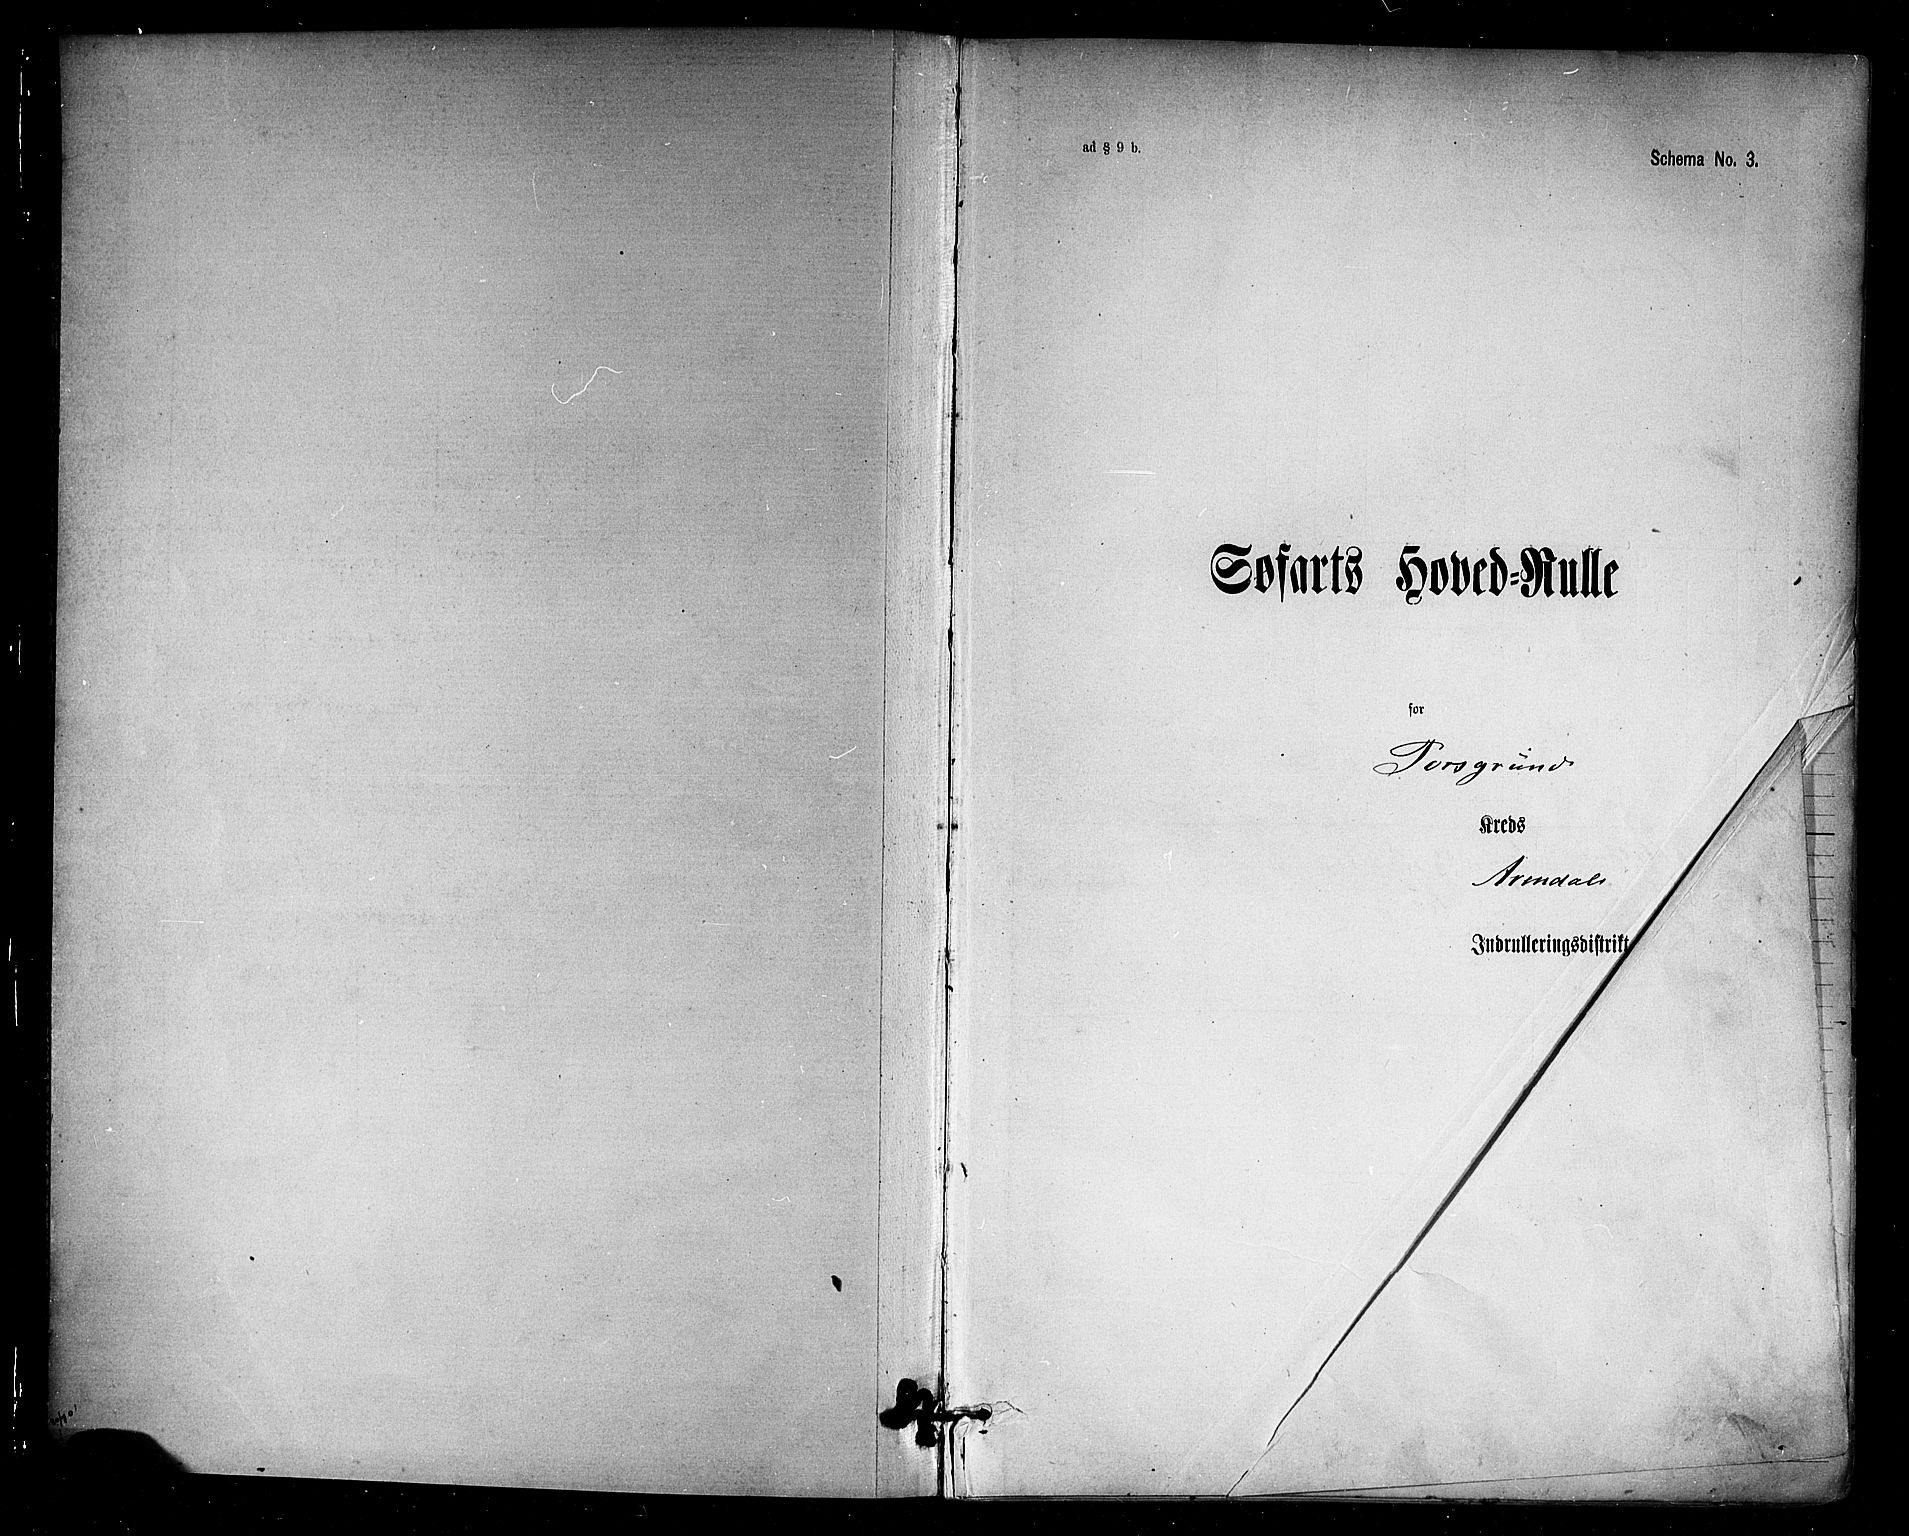 SAKO, Porsgrunn innrulleringskontor, F/Fc/L0007: Hovedrulle, 1894, s. 2